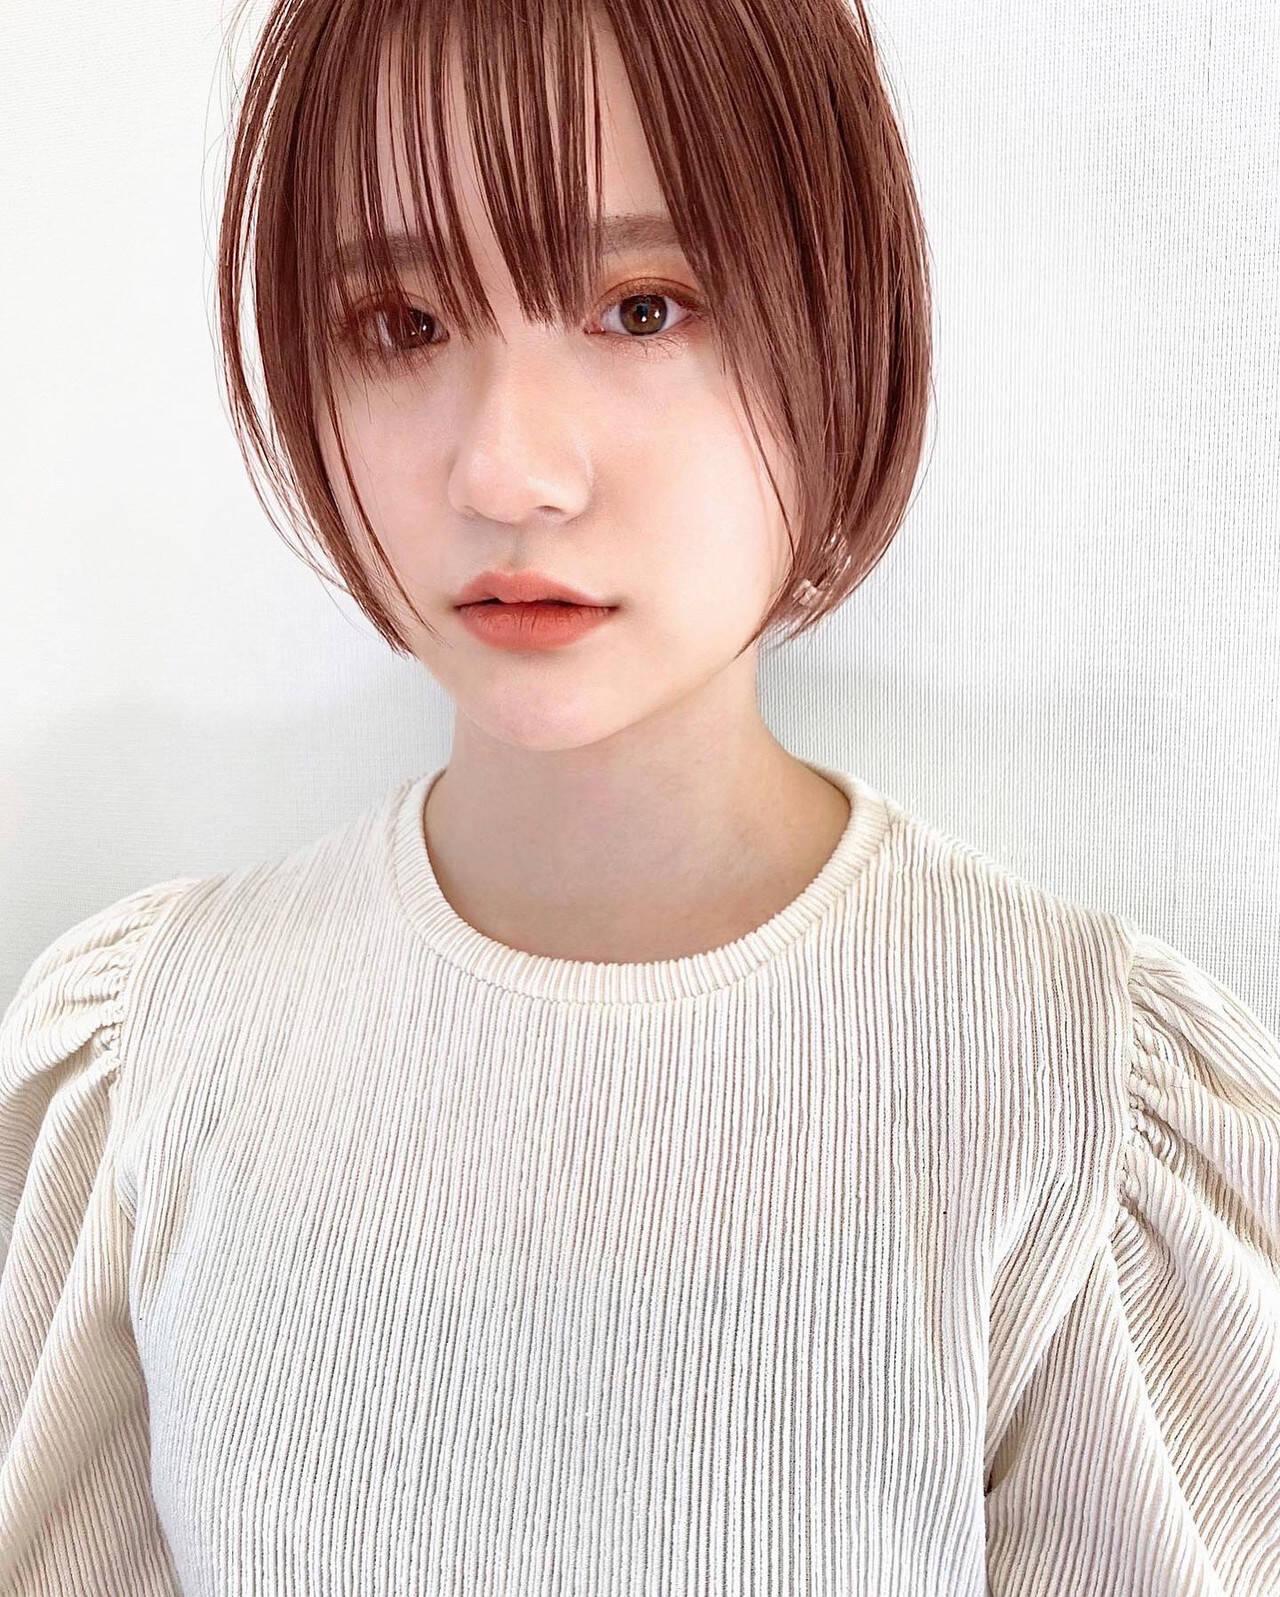 小顔ショート オレンジベージュ シースルーバング ショートボブヘアスタイルや髪型の写真・画像